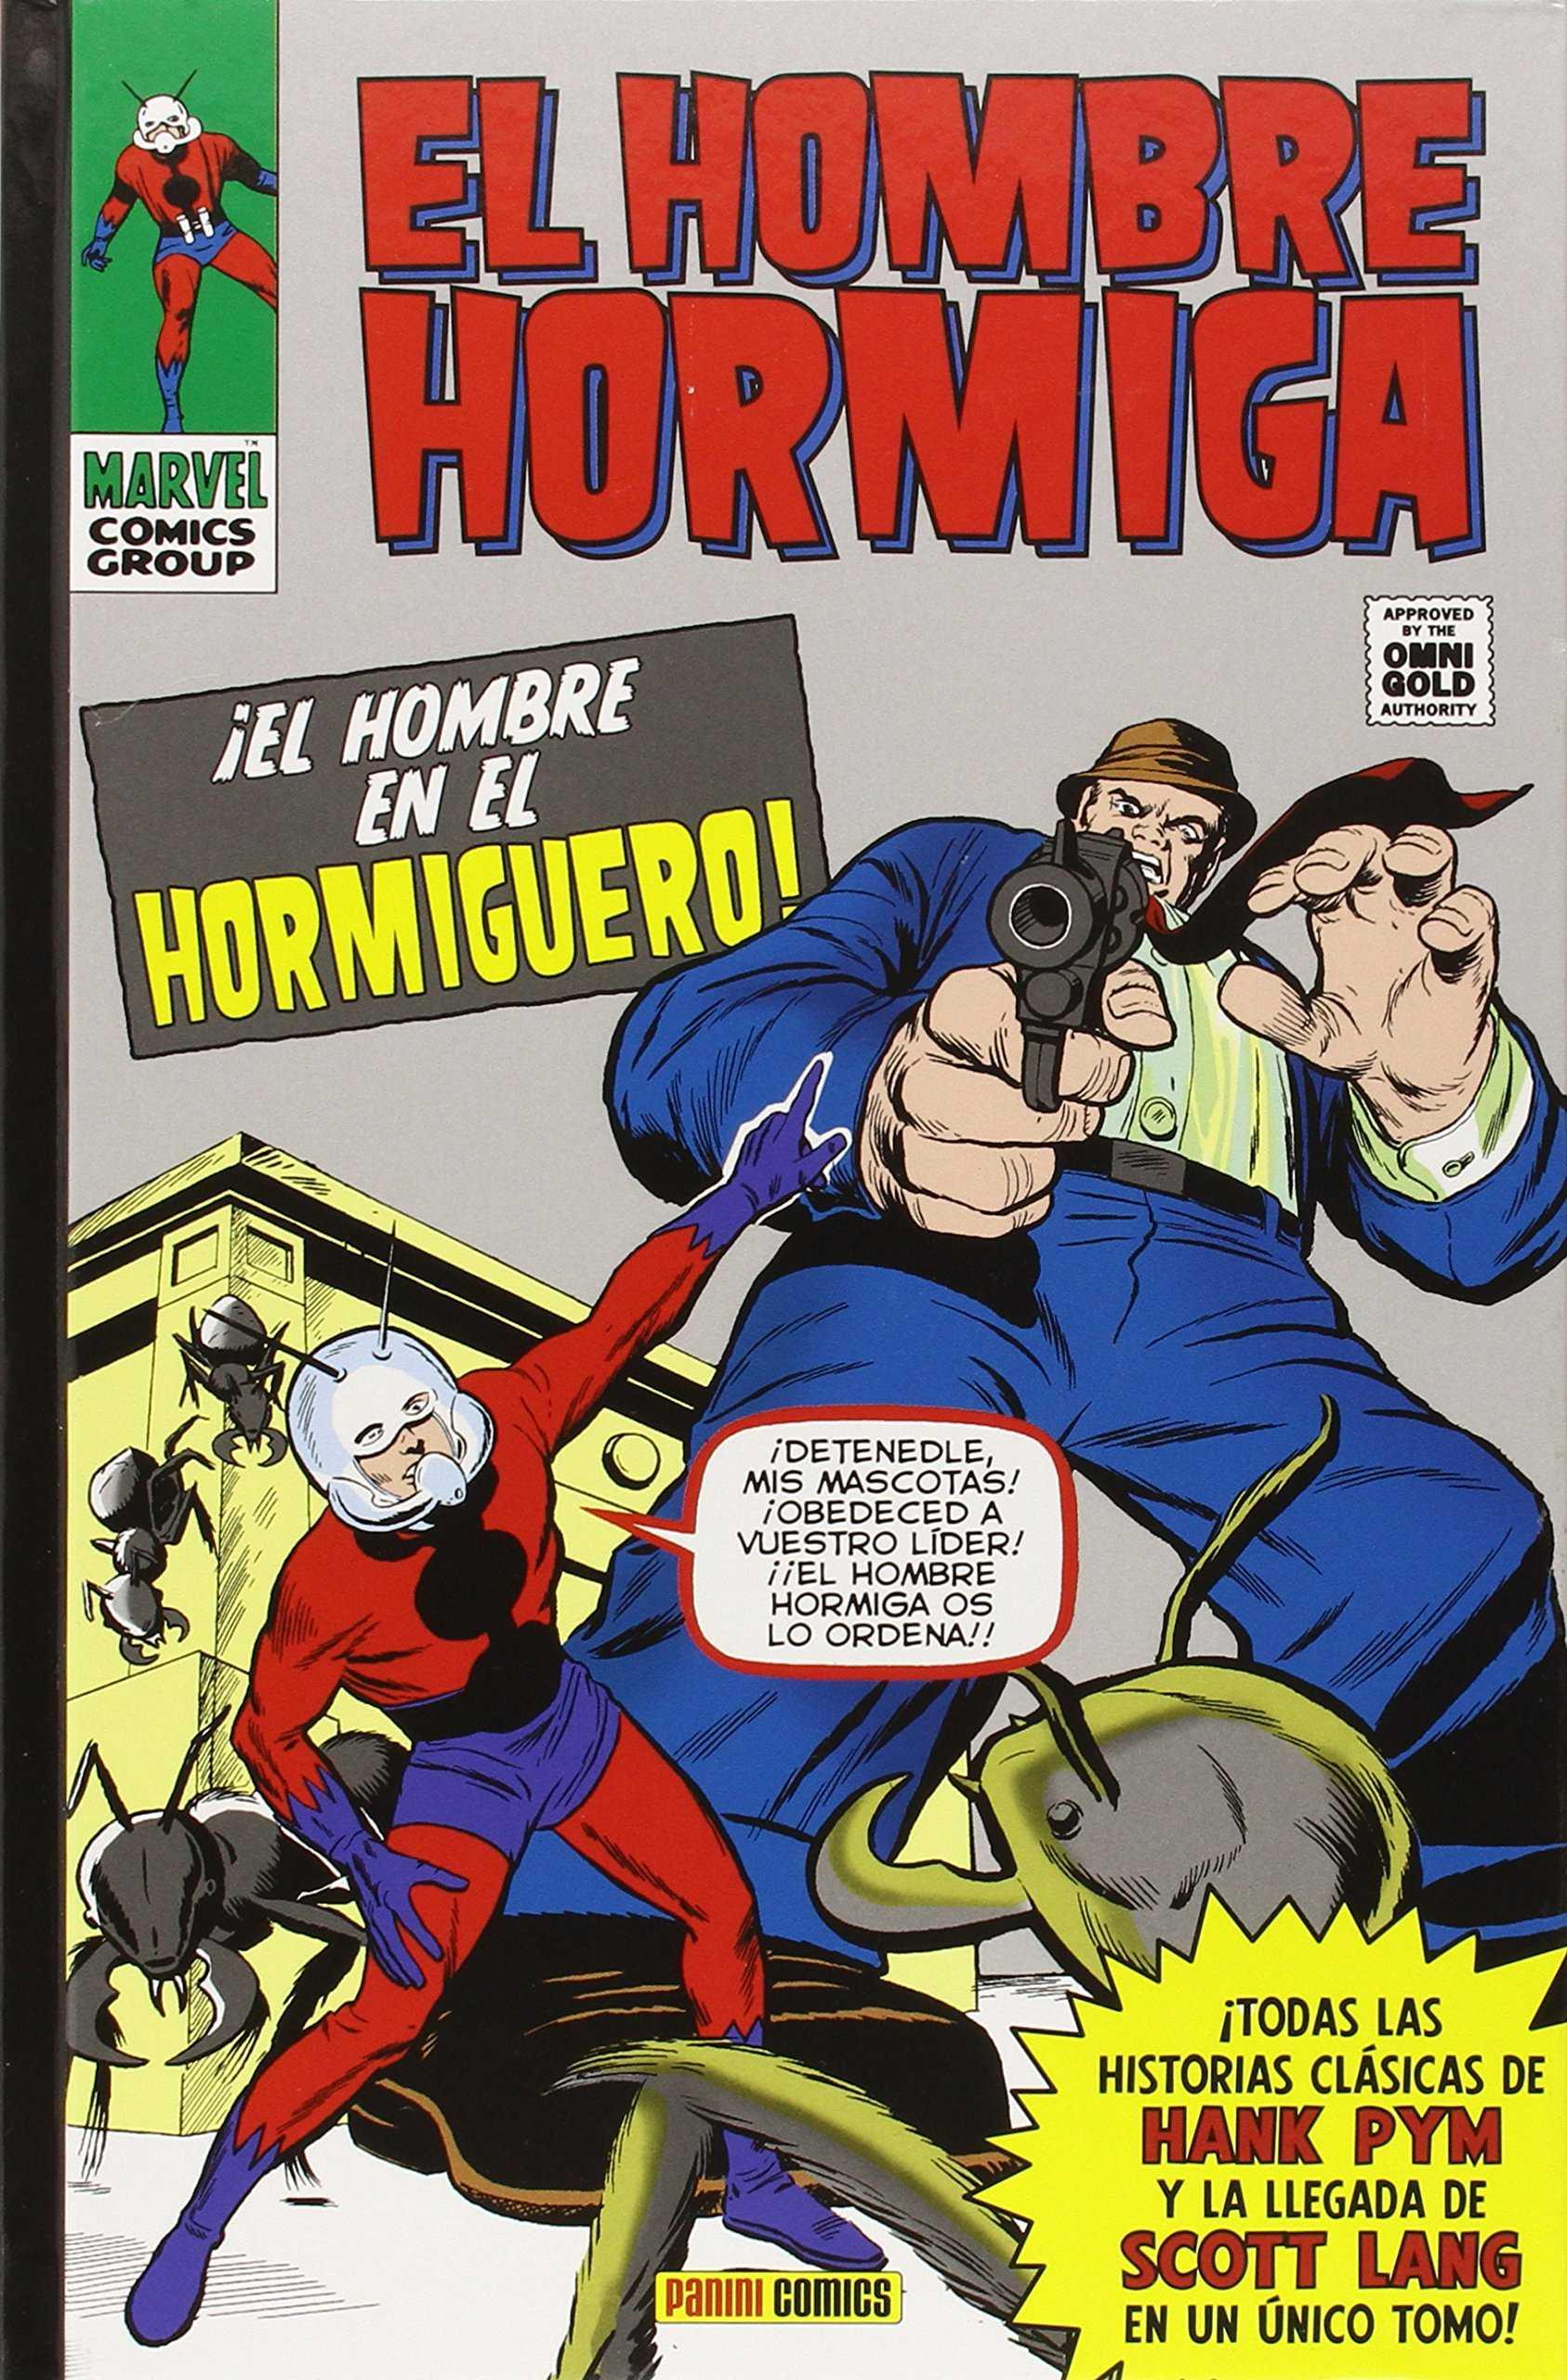 EL HOMBRE HORMIGA: ¡EL HOMBRE EN EL HORMIGUERO!. ¡EL HOMBRE EN EL HORMIGUERO!